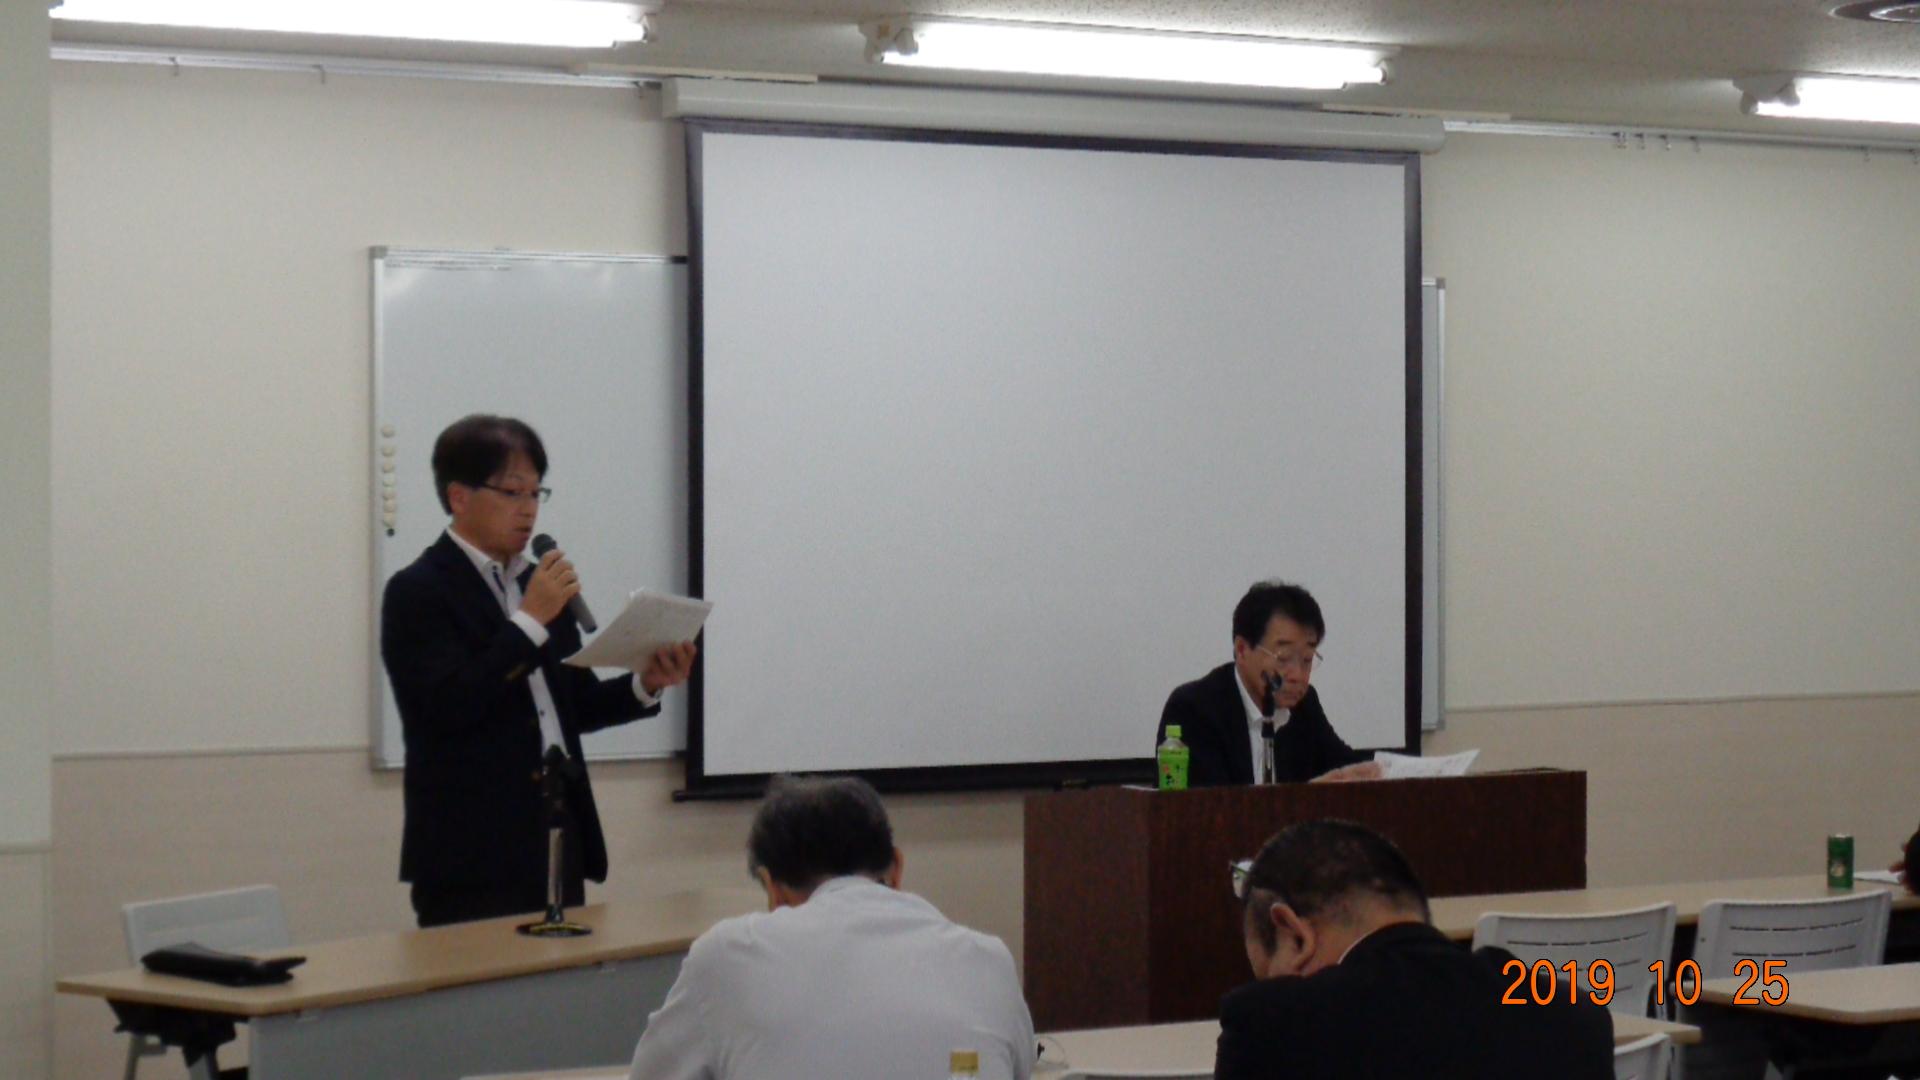 安全衛生管理者会議が行われました